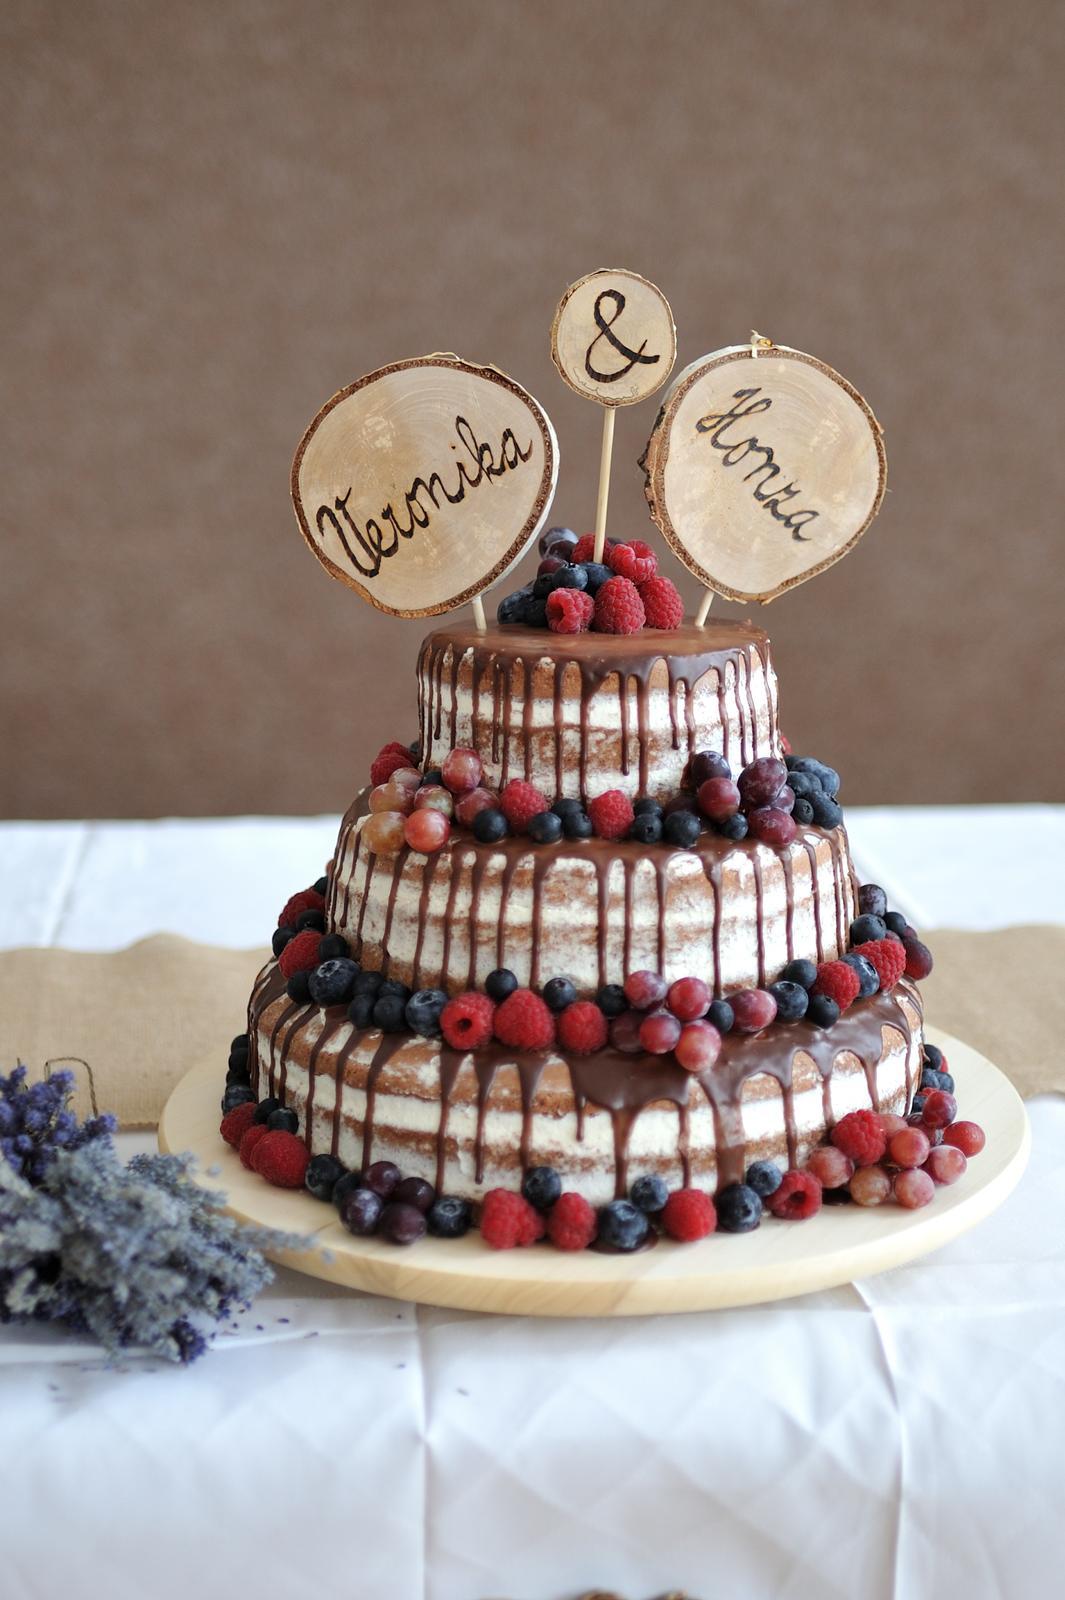 Ze svatby - Zápichy do dortu - vlastnoručně vypálená jména na březové kolečko, nasazené na silnější špejli, Dort od Maríí Šimánková Havlíčkův Brod (https://www.facebook.com/simi.mari)